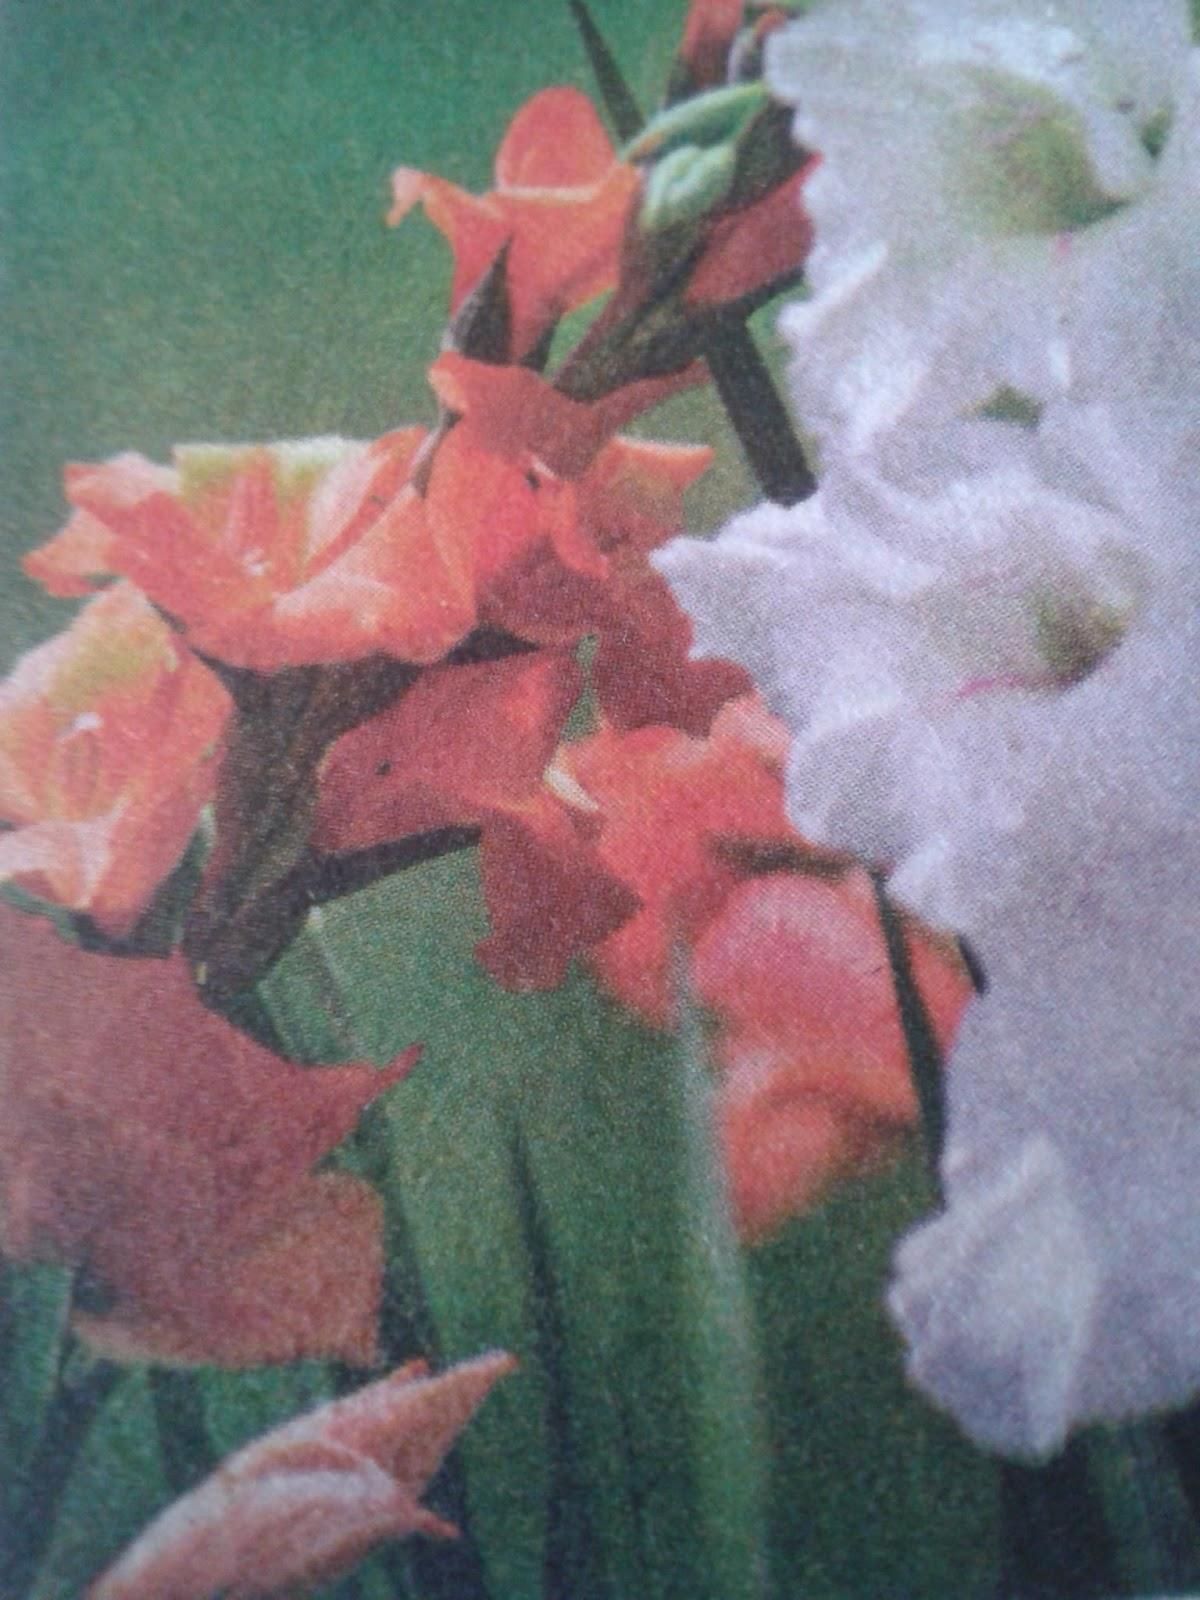 Patlıcanın En Hafif, Leziz Hali: Patlıcan Buğulama Kolay Yemek Tarifleri 2. Bölüm Tarif Dergisi 92